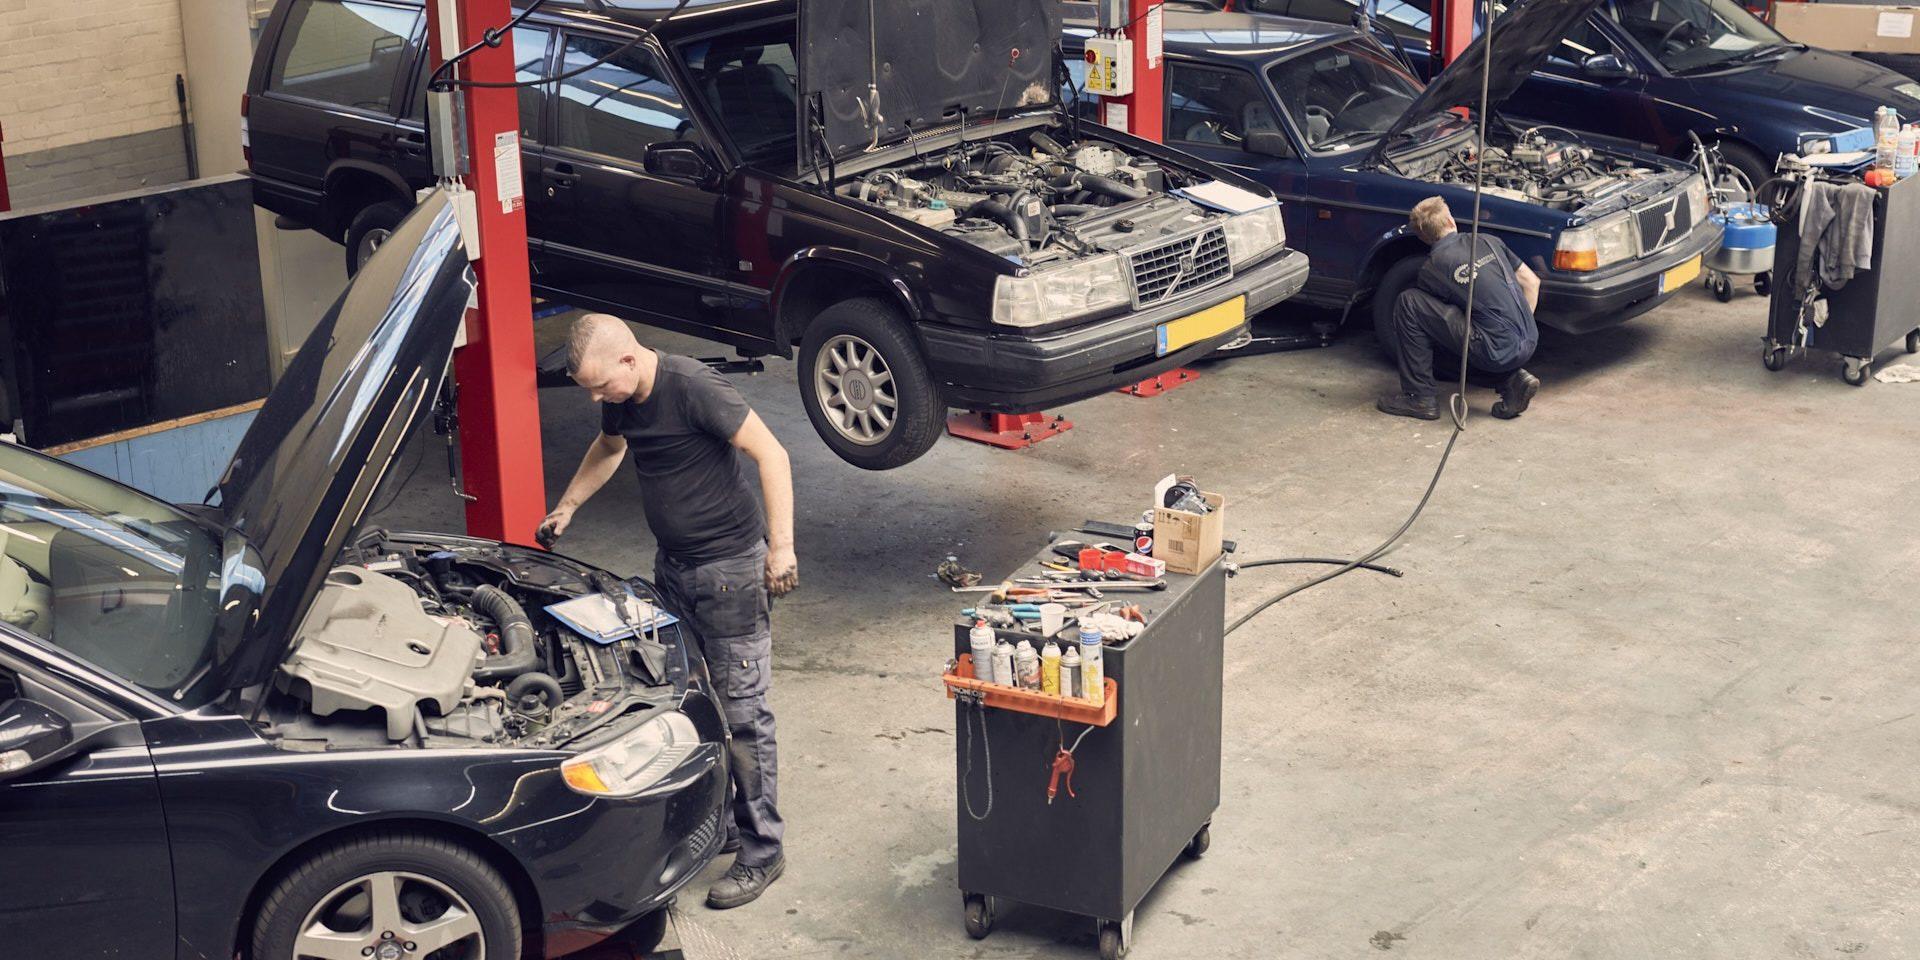 volvo-specialist-autotaalservice-driebergen-017